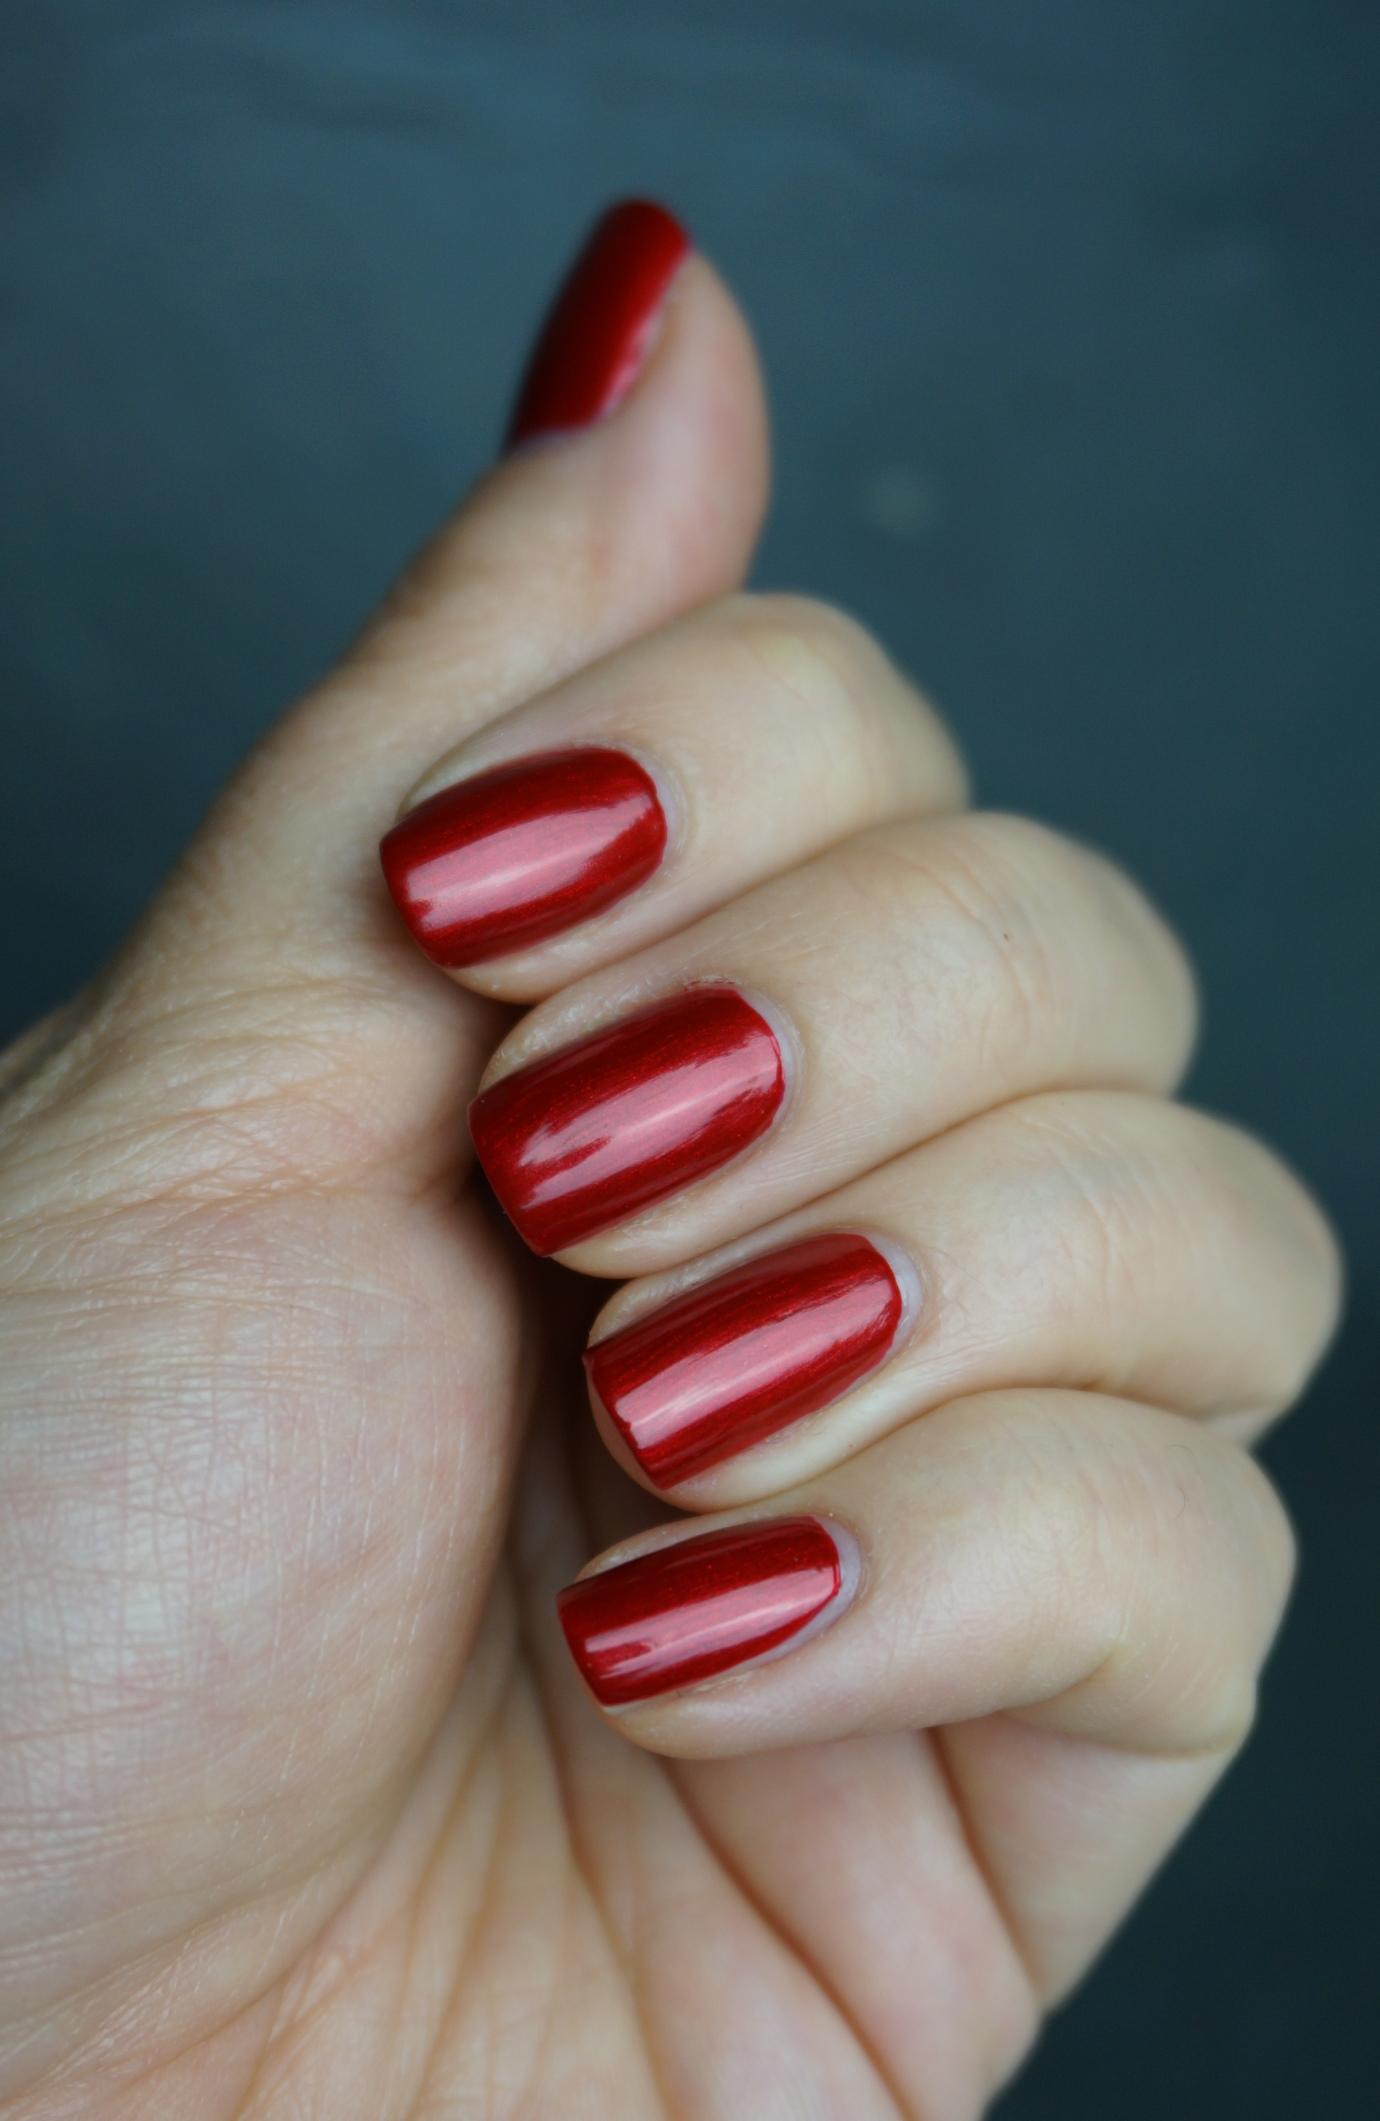 OPI danke-shiny red